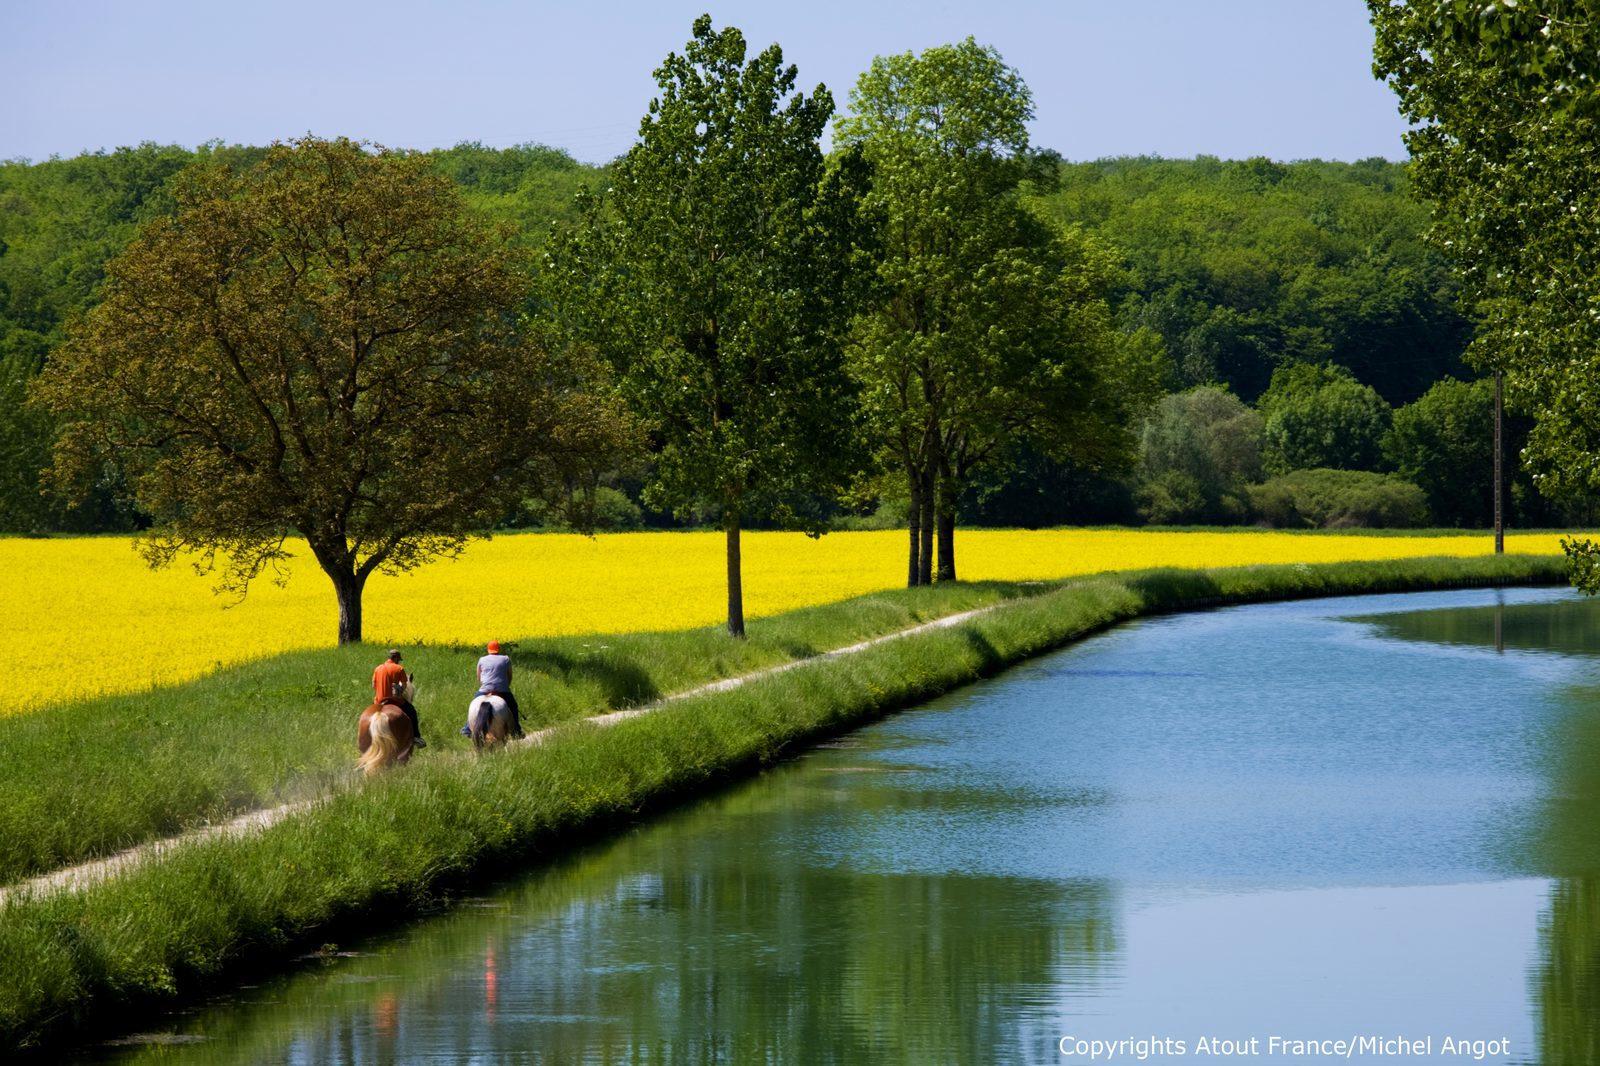 Frankrijk, Bourgogne, fietsen, wandelen, wijnen, vakantie